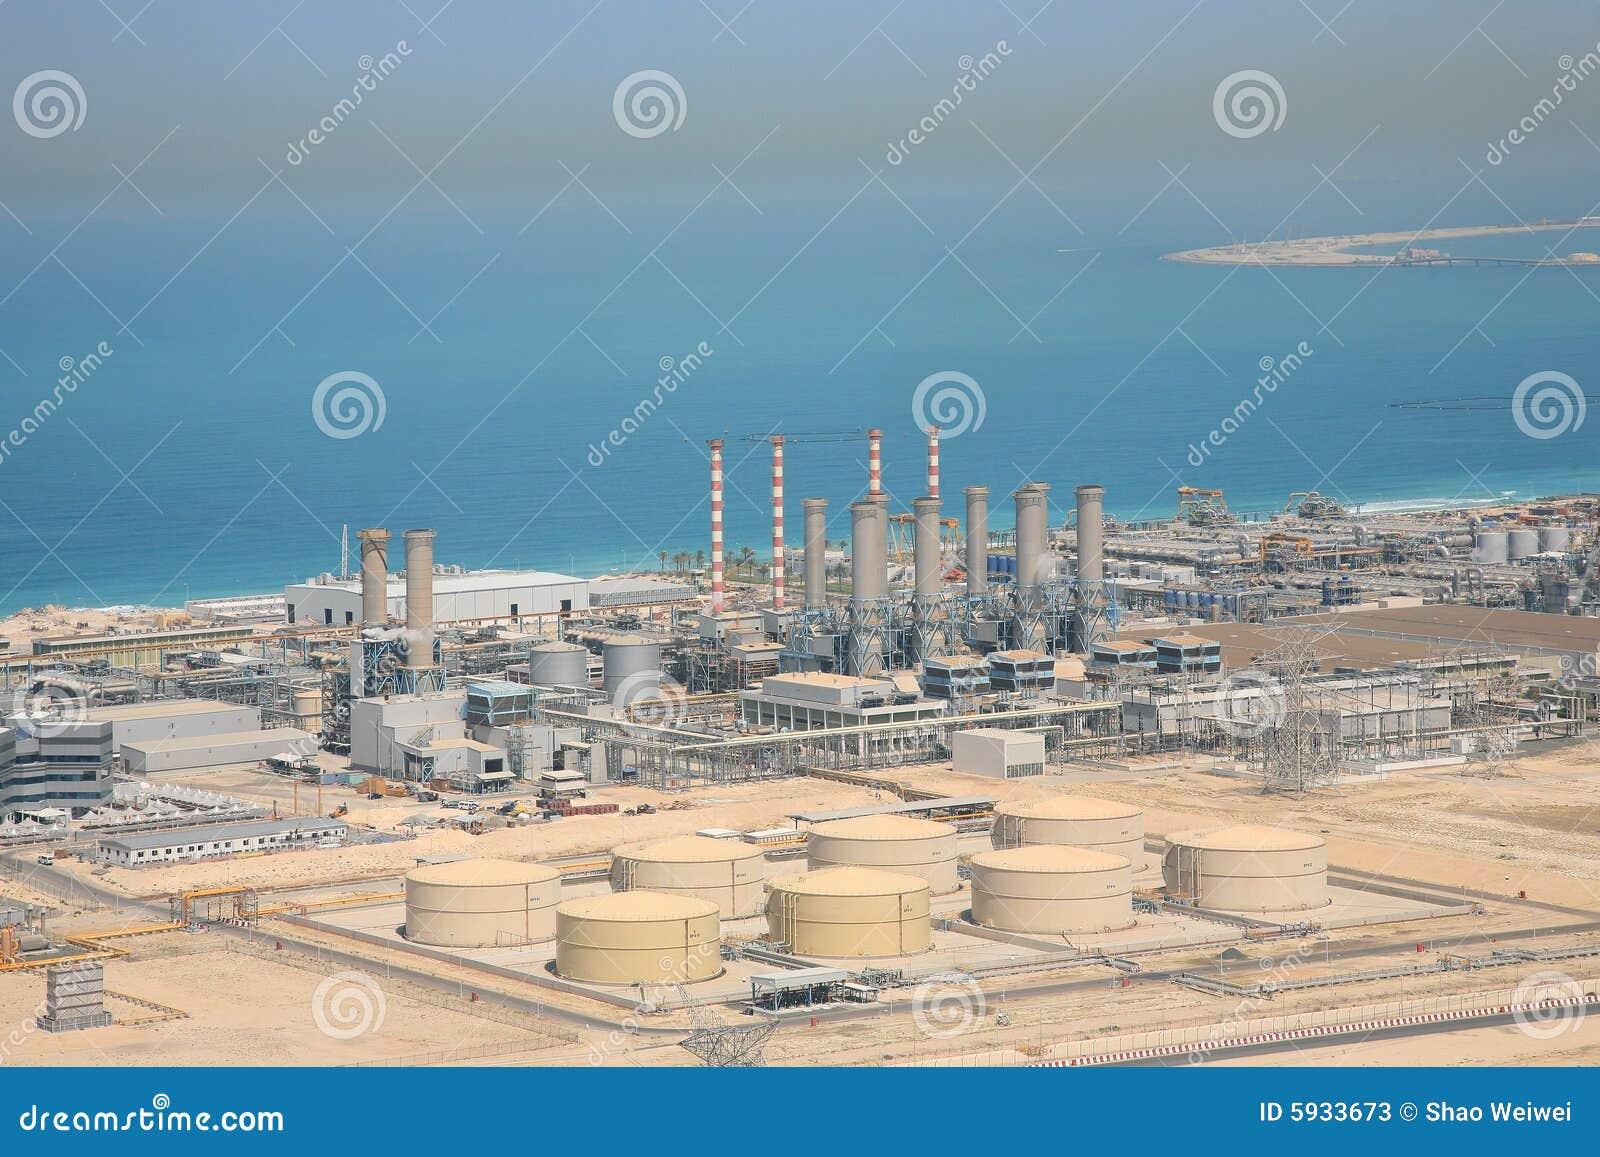 usine de dessalement de l 39 eau photos stock image 5933673. Black Bedroom Furniture Sets. Home Design Ideas